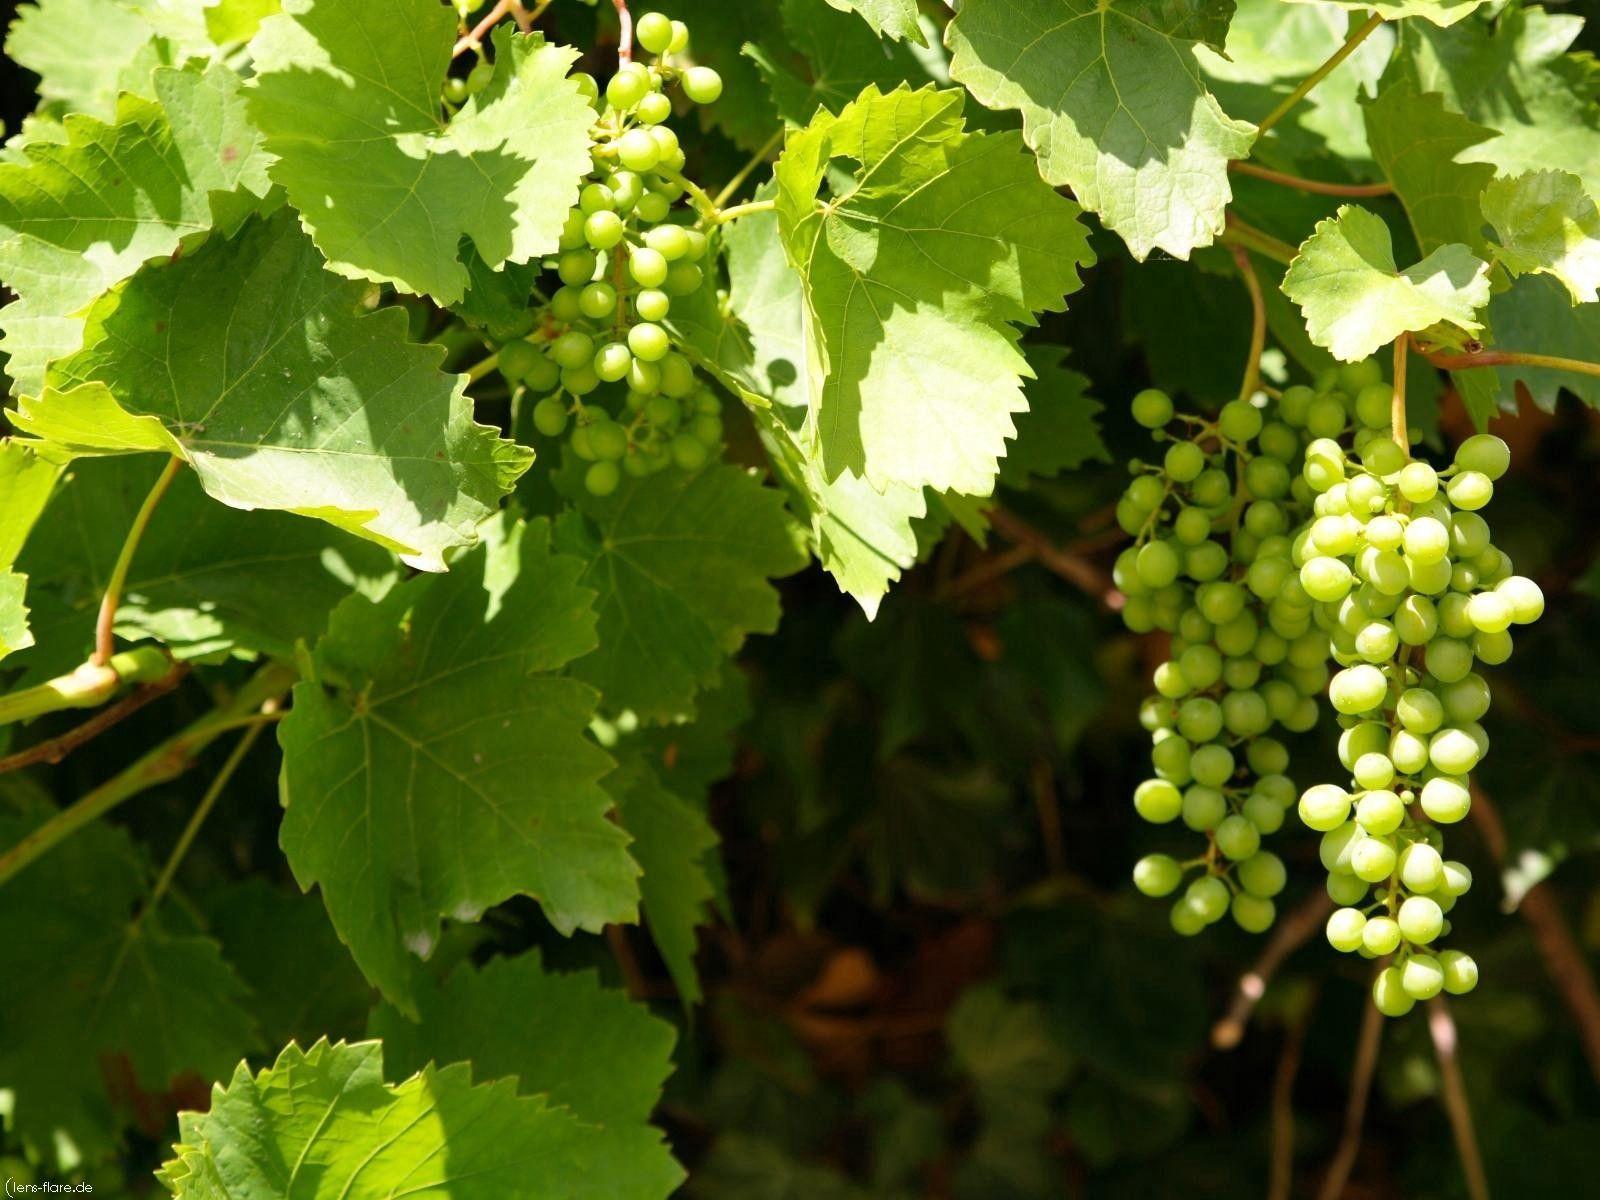 116804 скачать обои Природа, Виноград, Грозди, Листья, Зеленый, Лето - заставки и картинки бесплатно